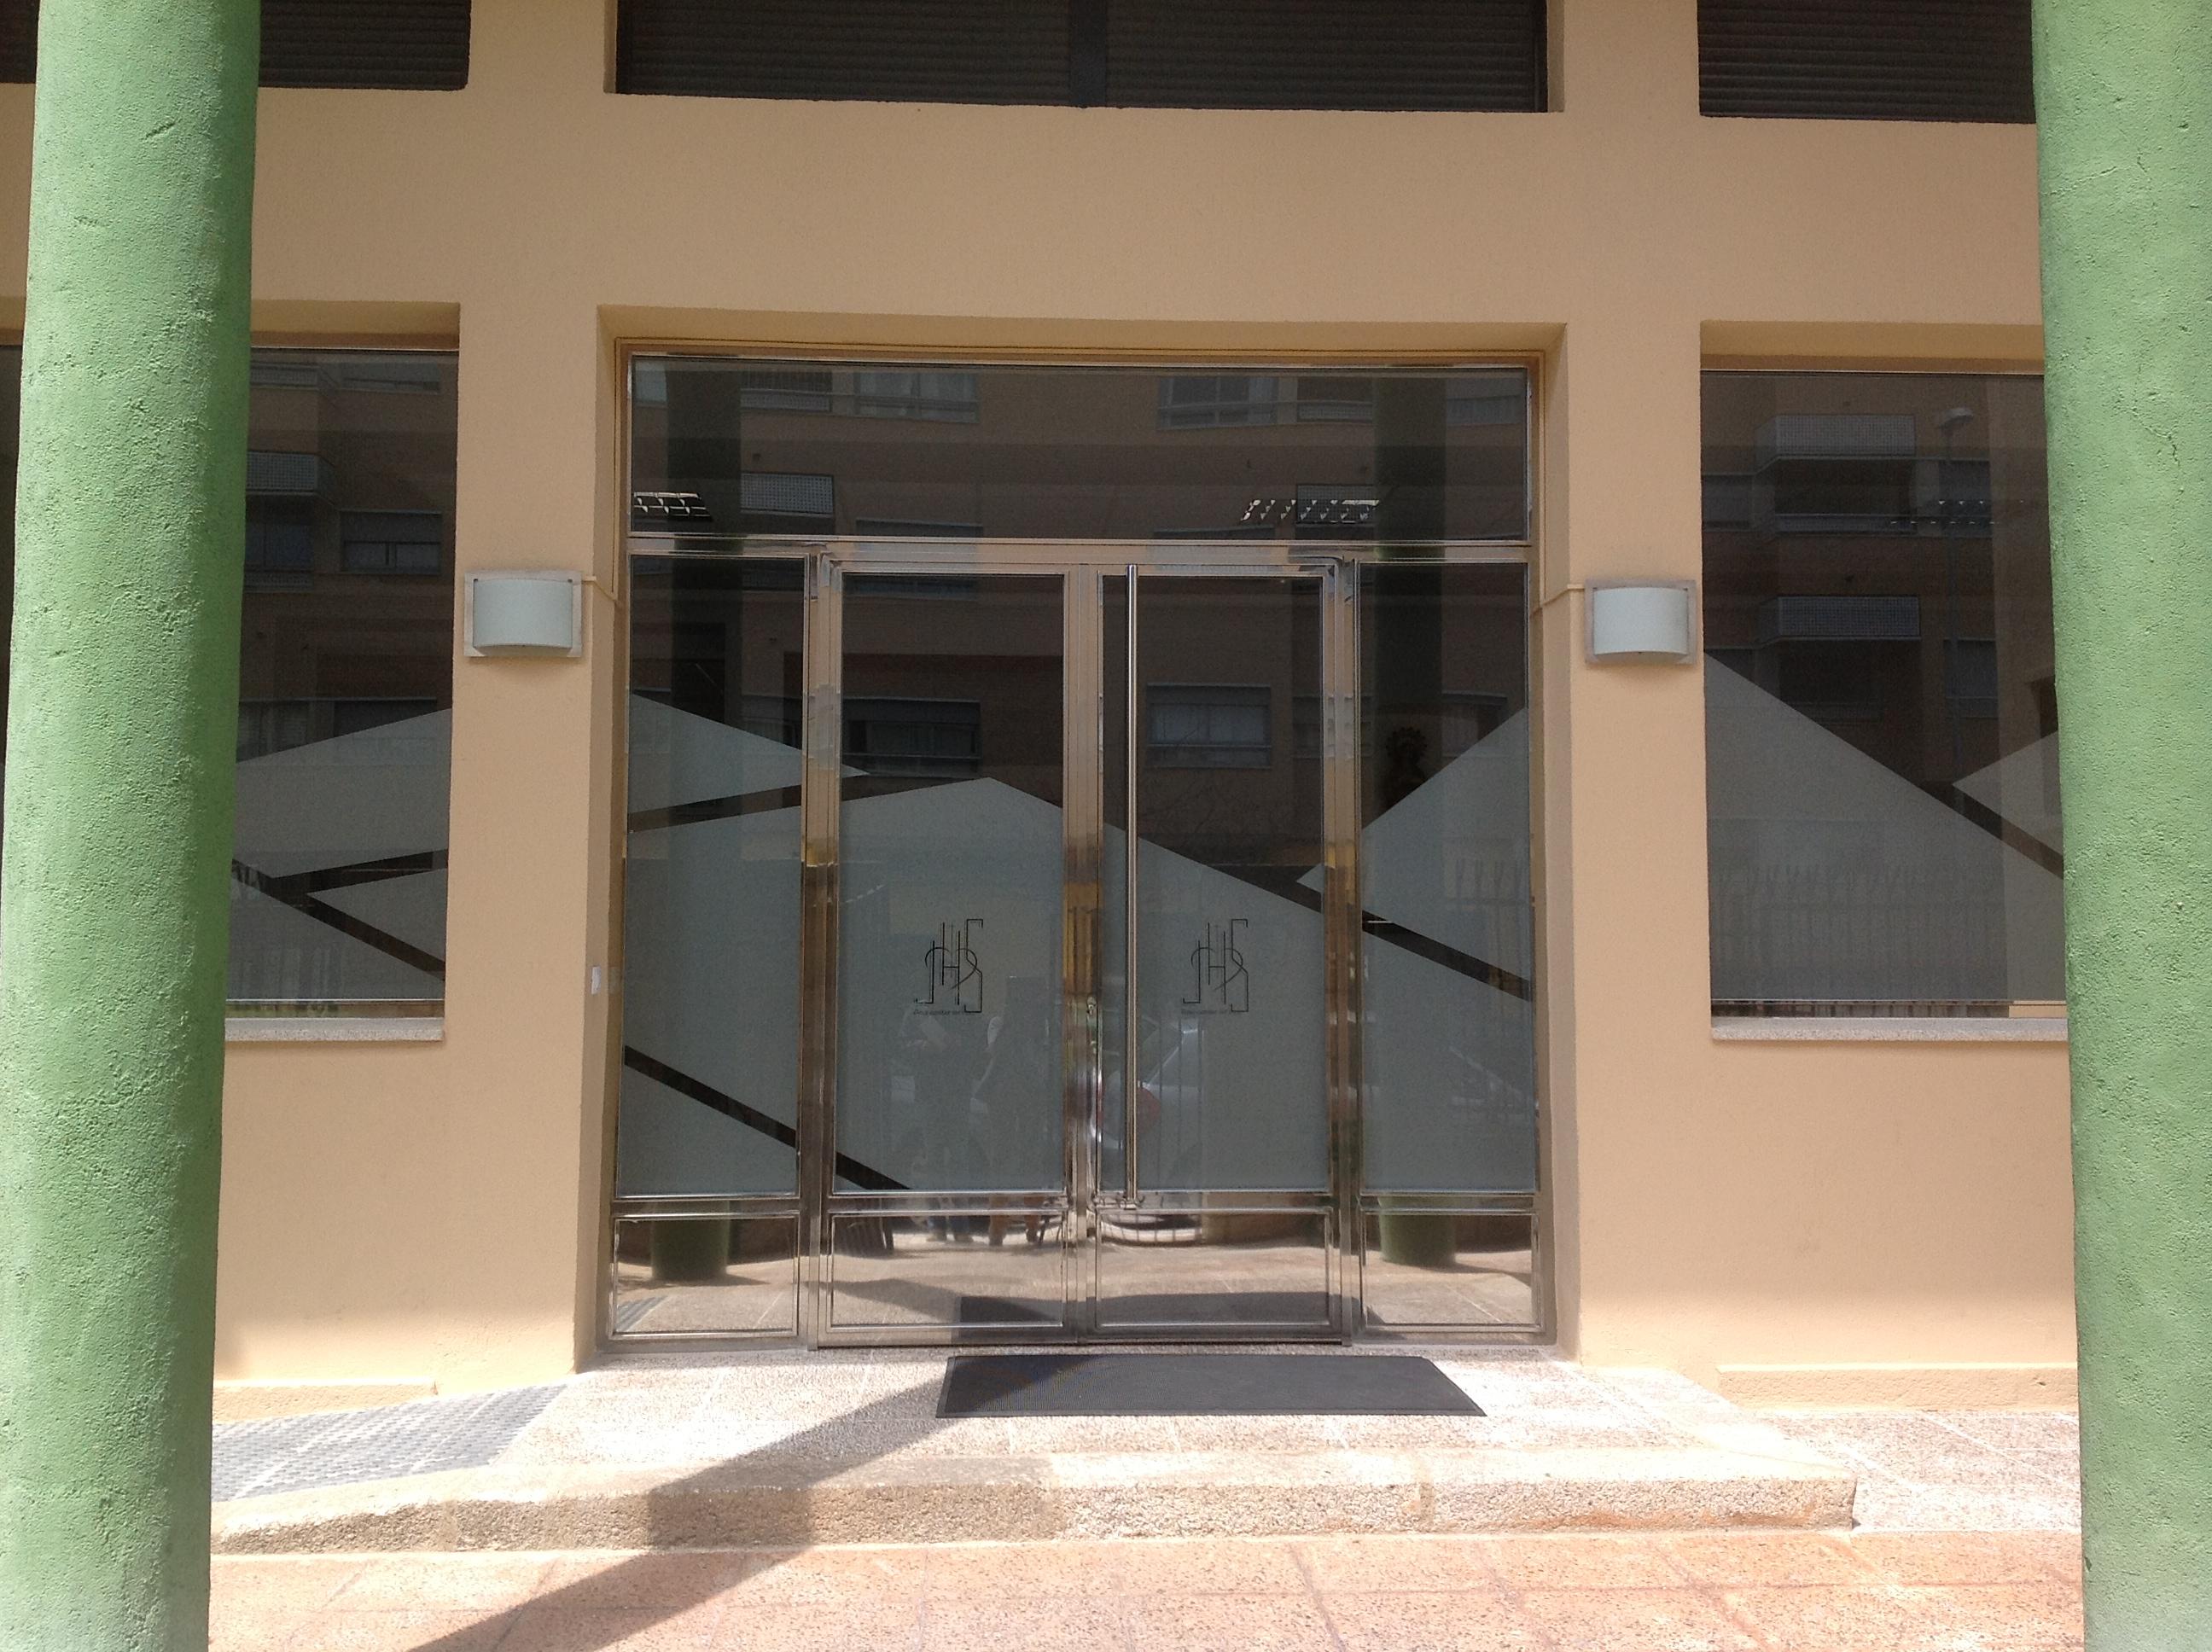 instalaciones-del-colegio_10442877466_o